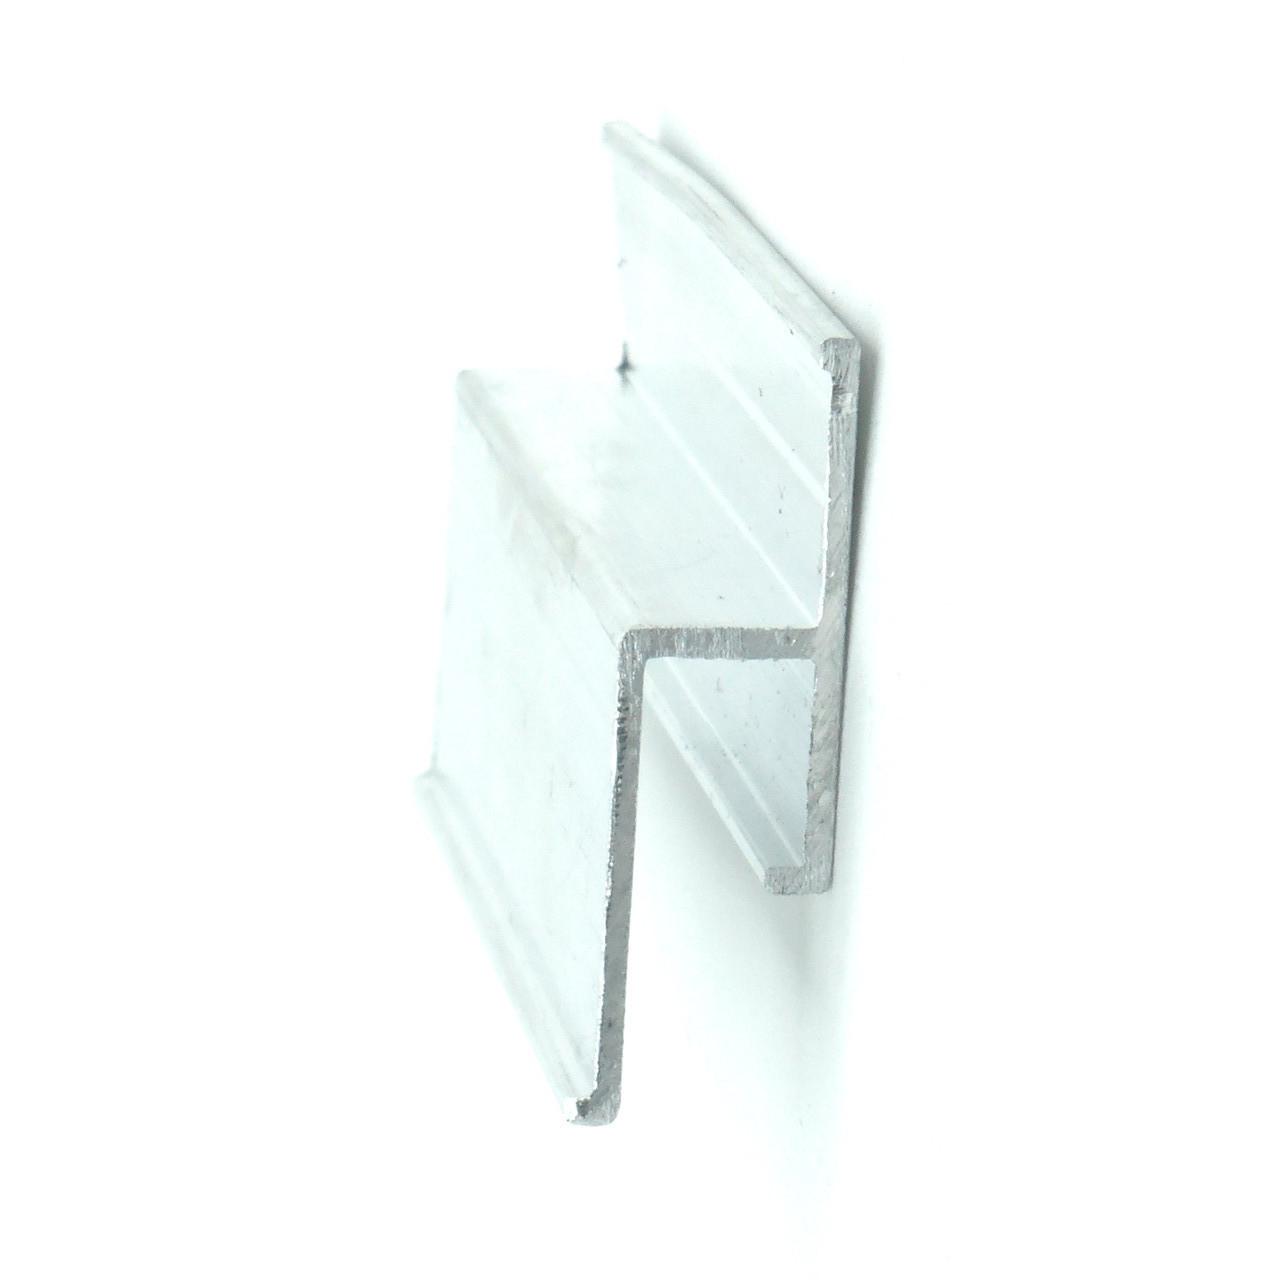 Профиль алюминиевый для натяжных потолков - Безвставочный. Длина профиля 2,5 м.